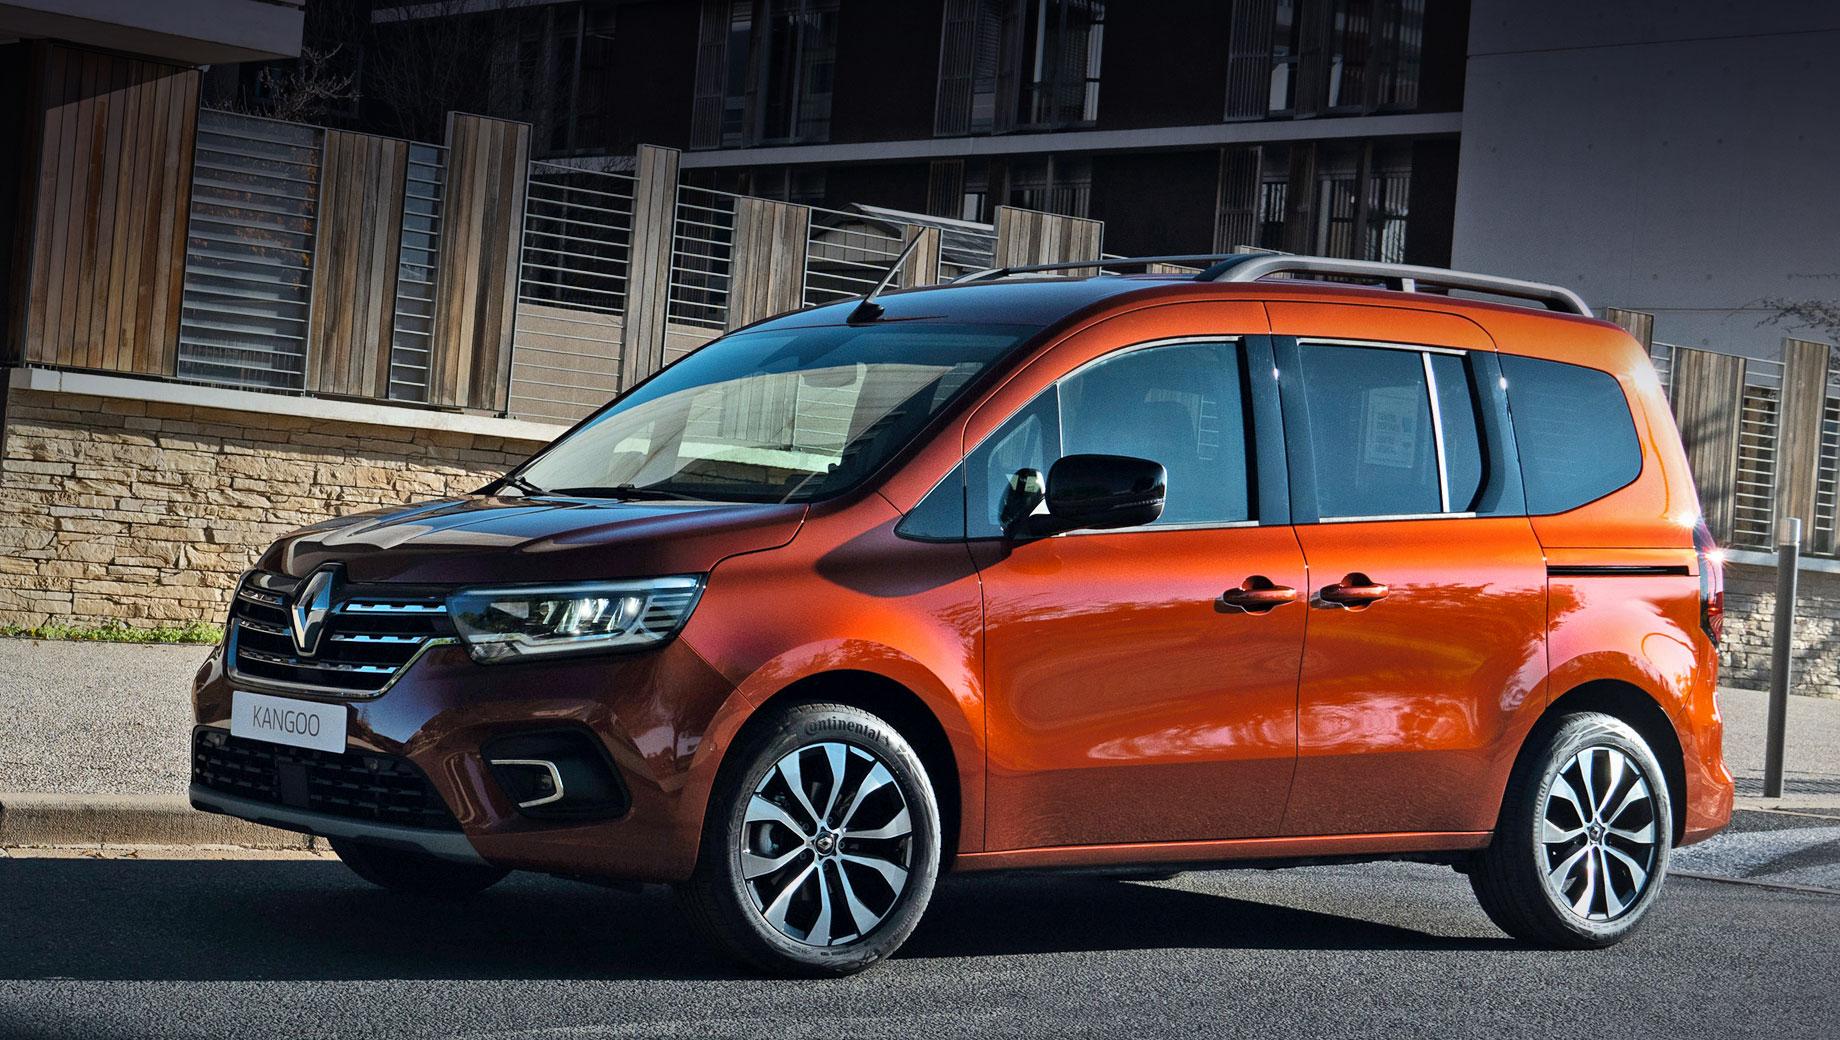 Renault kangoo. Renault не сомневается, что «атлетичный» Kangoo в Европе снова войдёт в тройку лидеров сегмента, поскольку «сделал шаг в сторону» от комтранса, вплотную приблизившись к легковушкам. Размеры: 4486×1919×1838 мм, между осями — 2716, клиренс — 164 мм. Колёса на фото — 17-дюймовые.